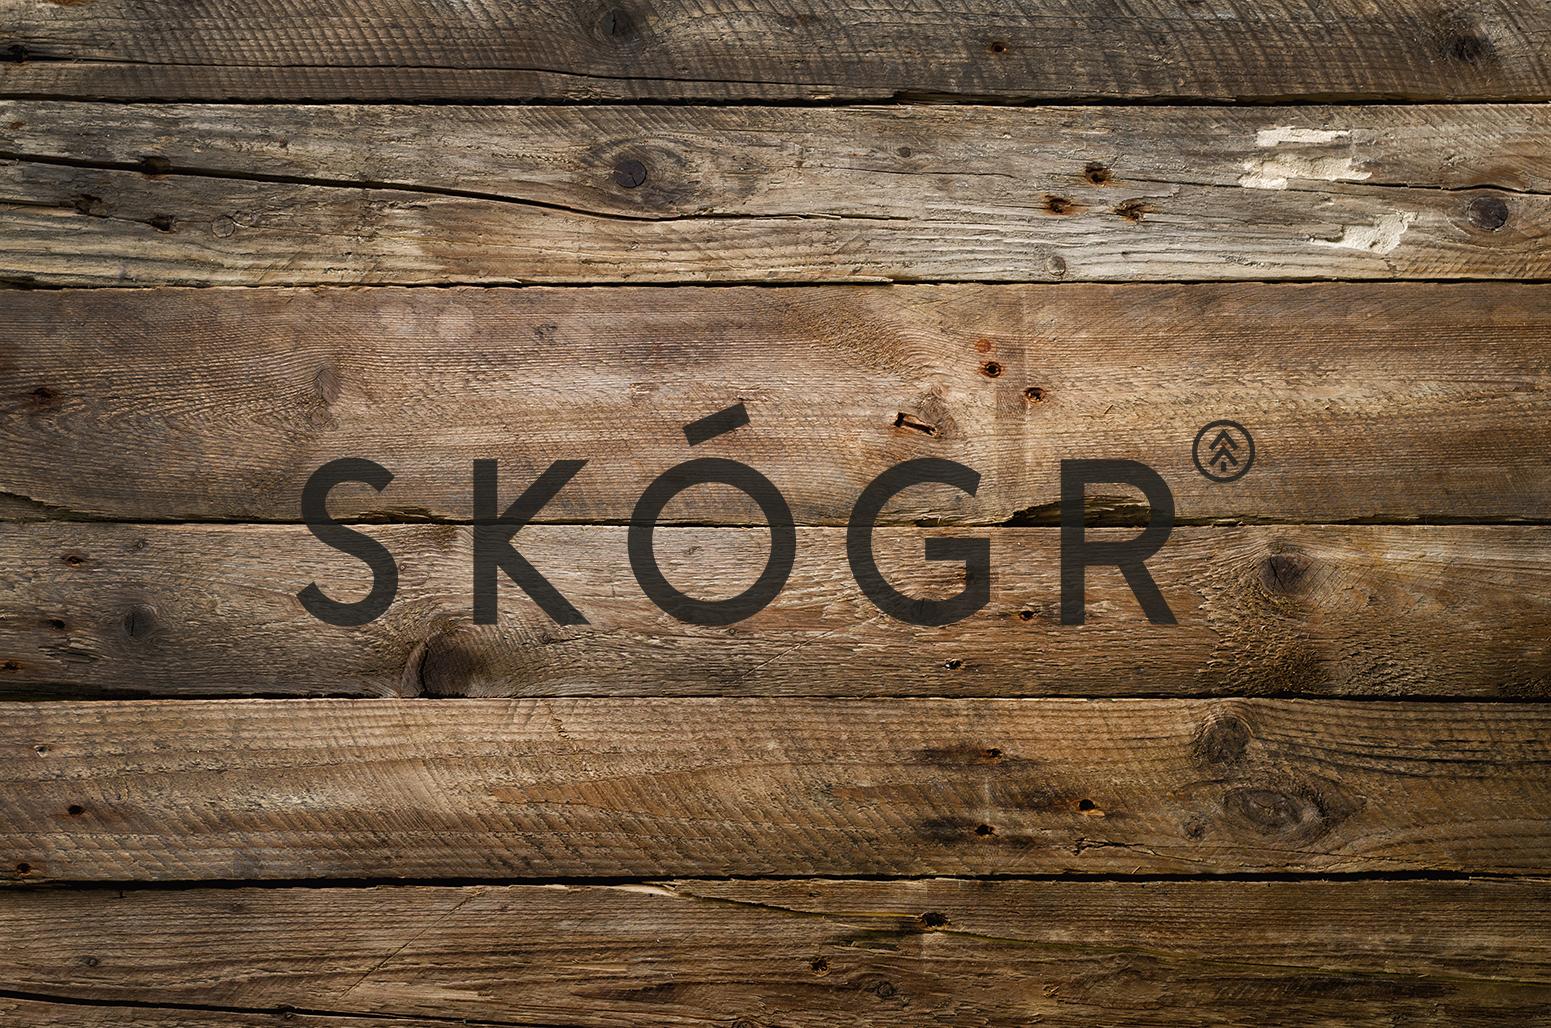 Skogr_wood.png